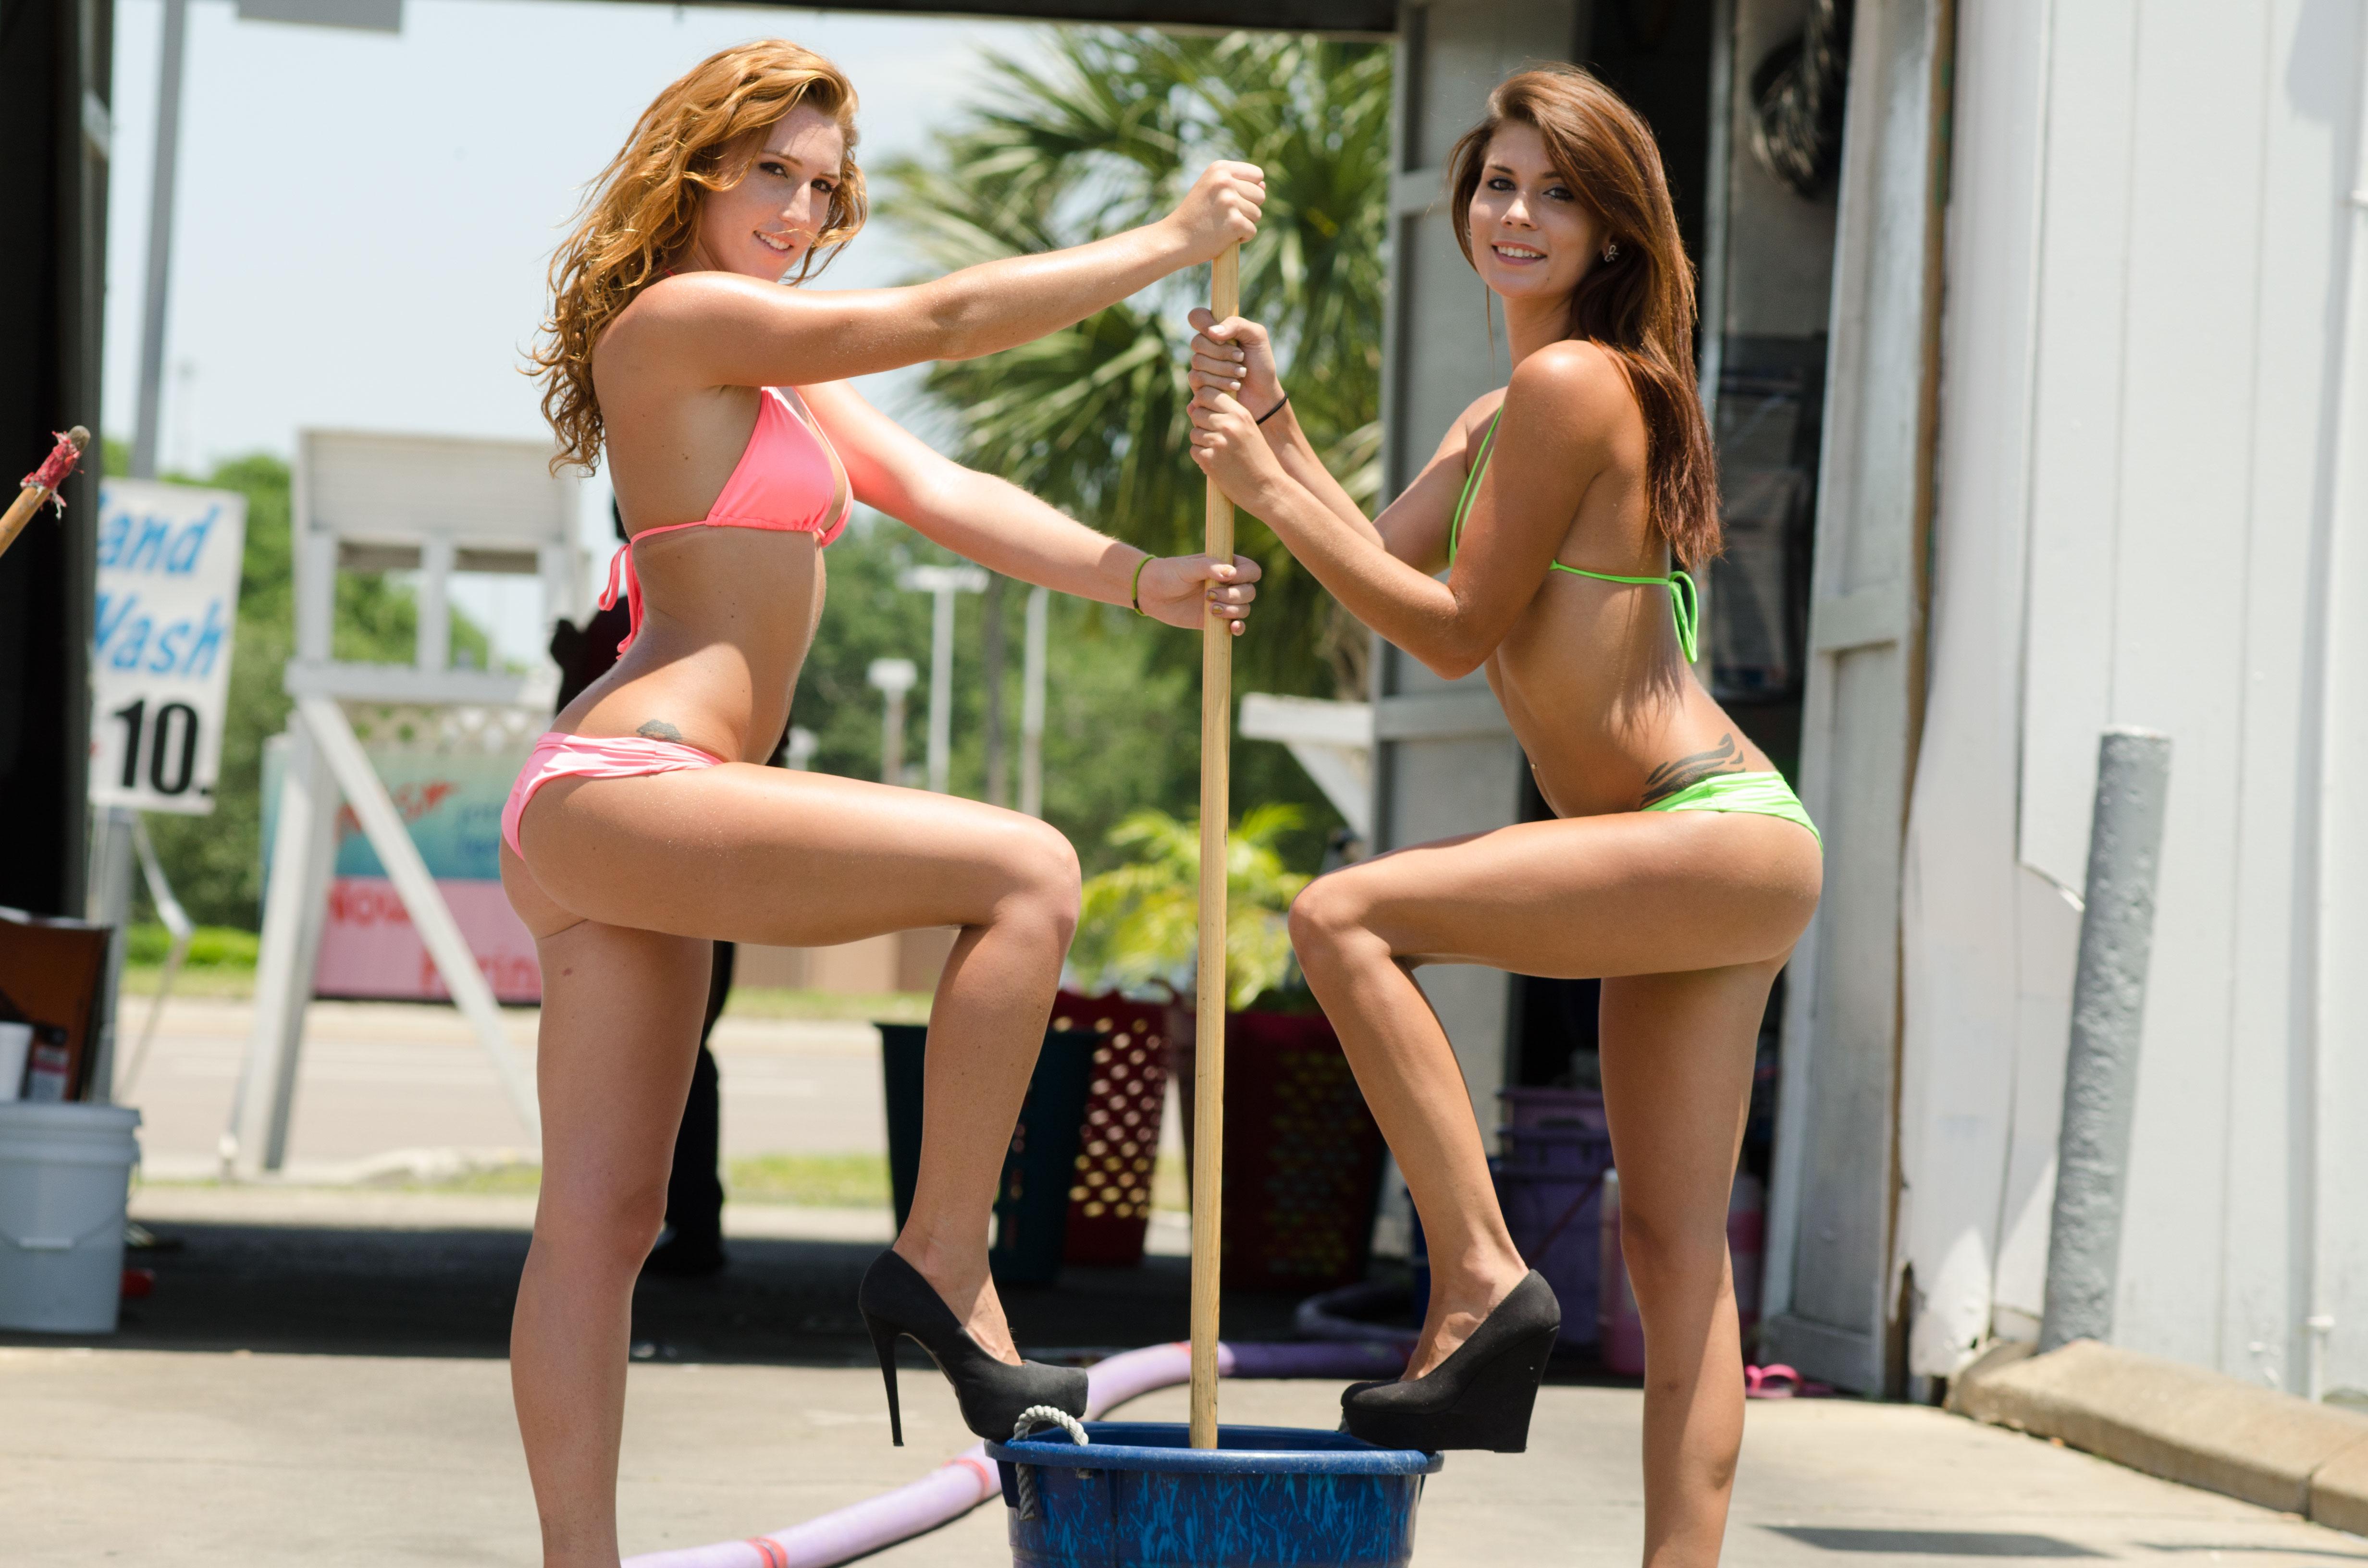 Baywash The Florida Bikini Car Wash That S Making